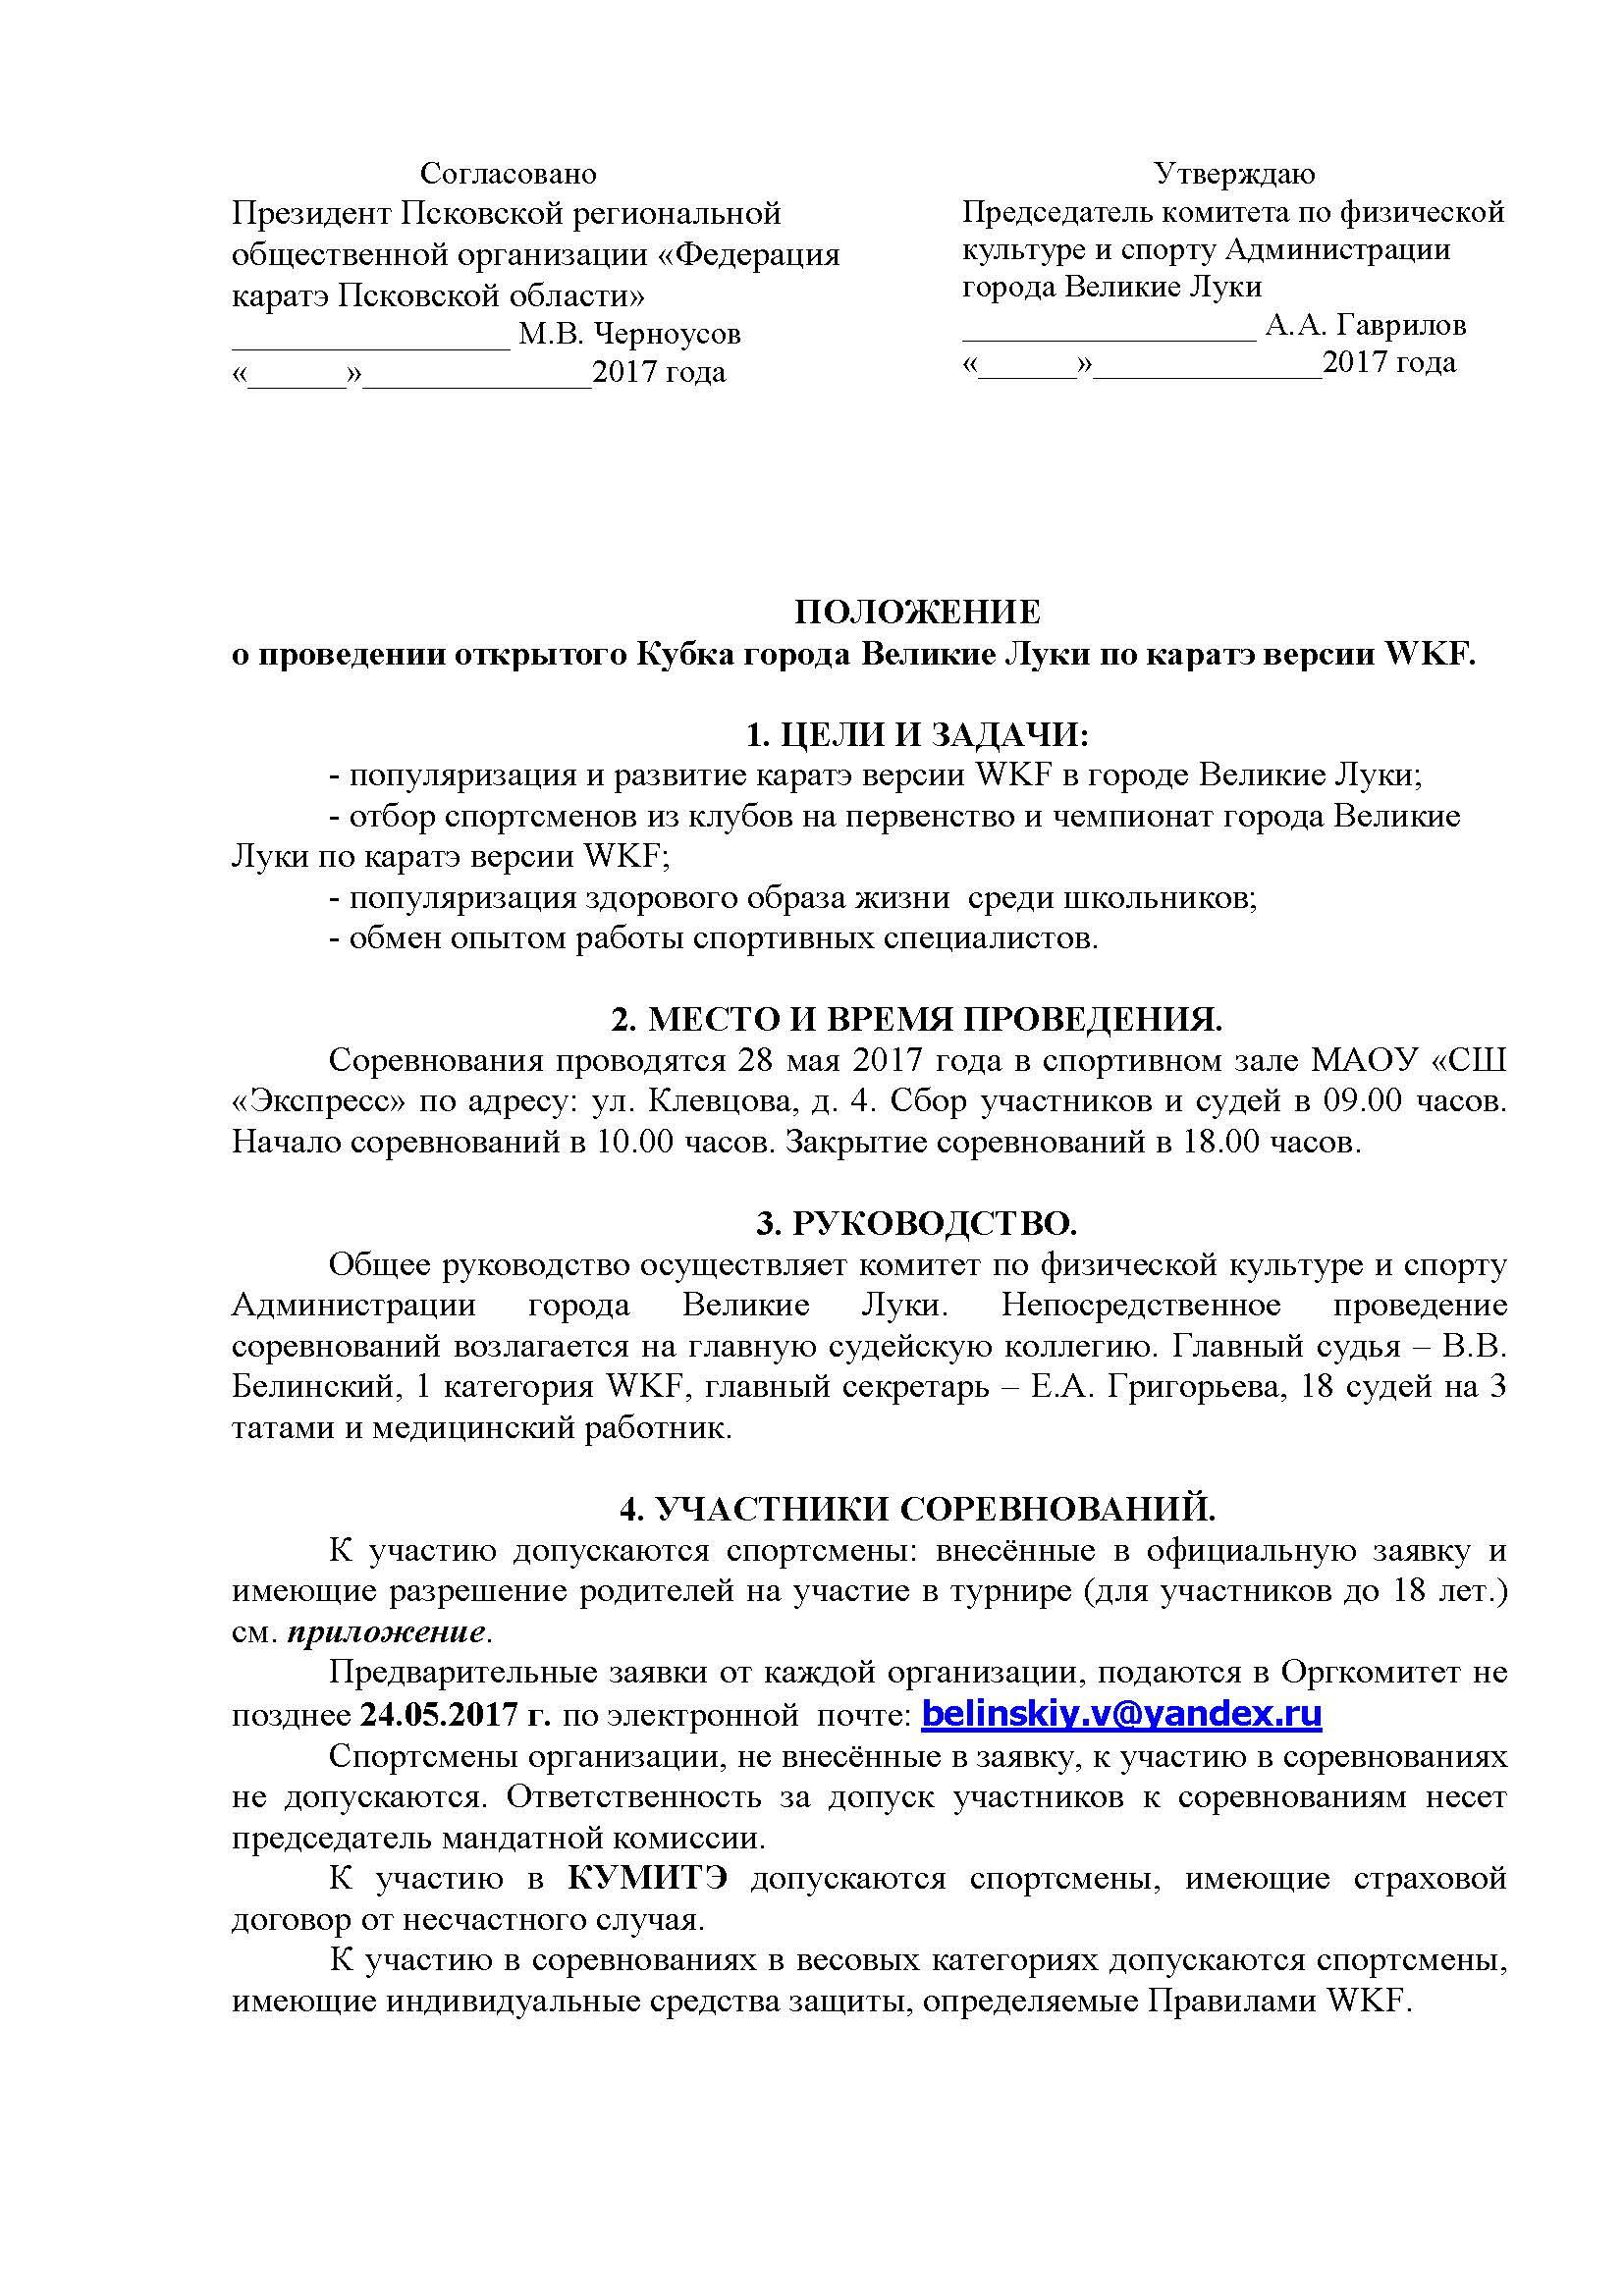 Положение о проведении открытого Кубка города Великие Луки по каратэ версии WKF_Страница_1